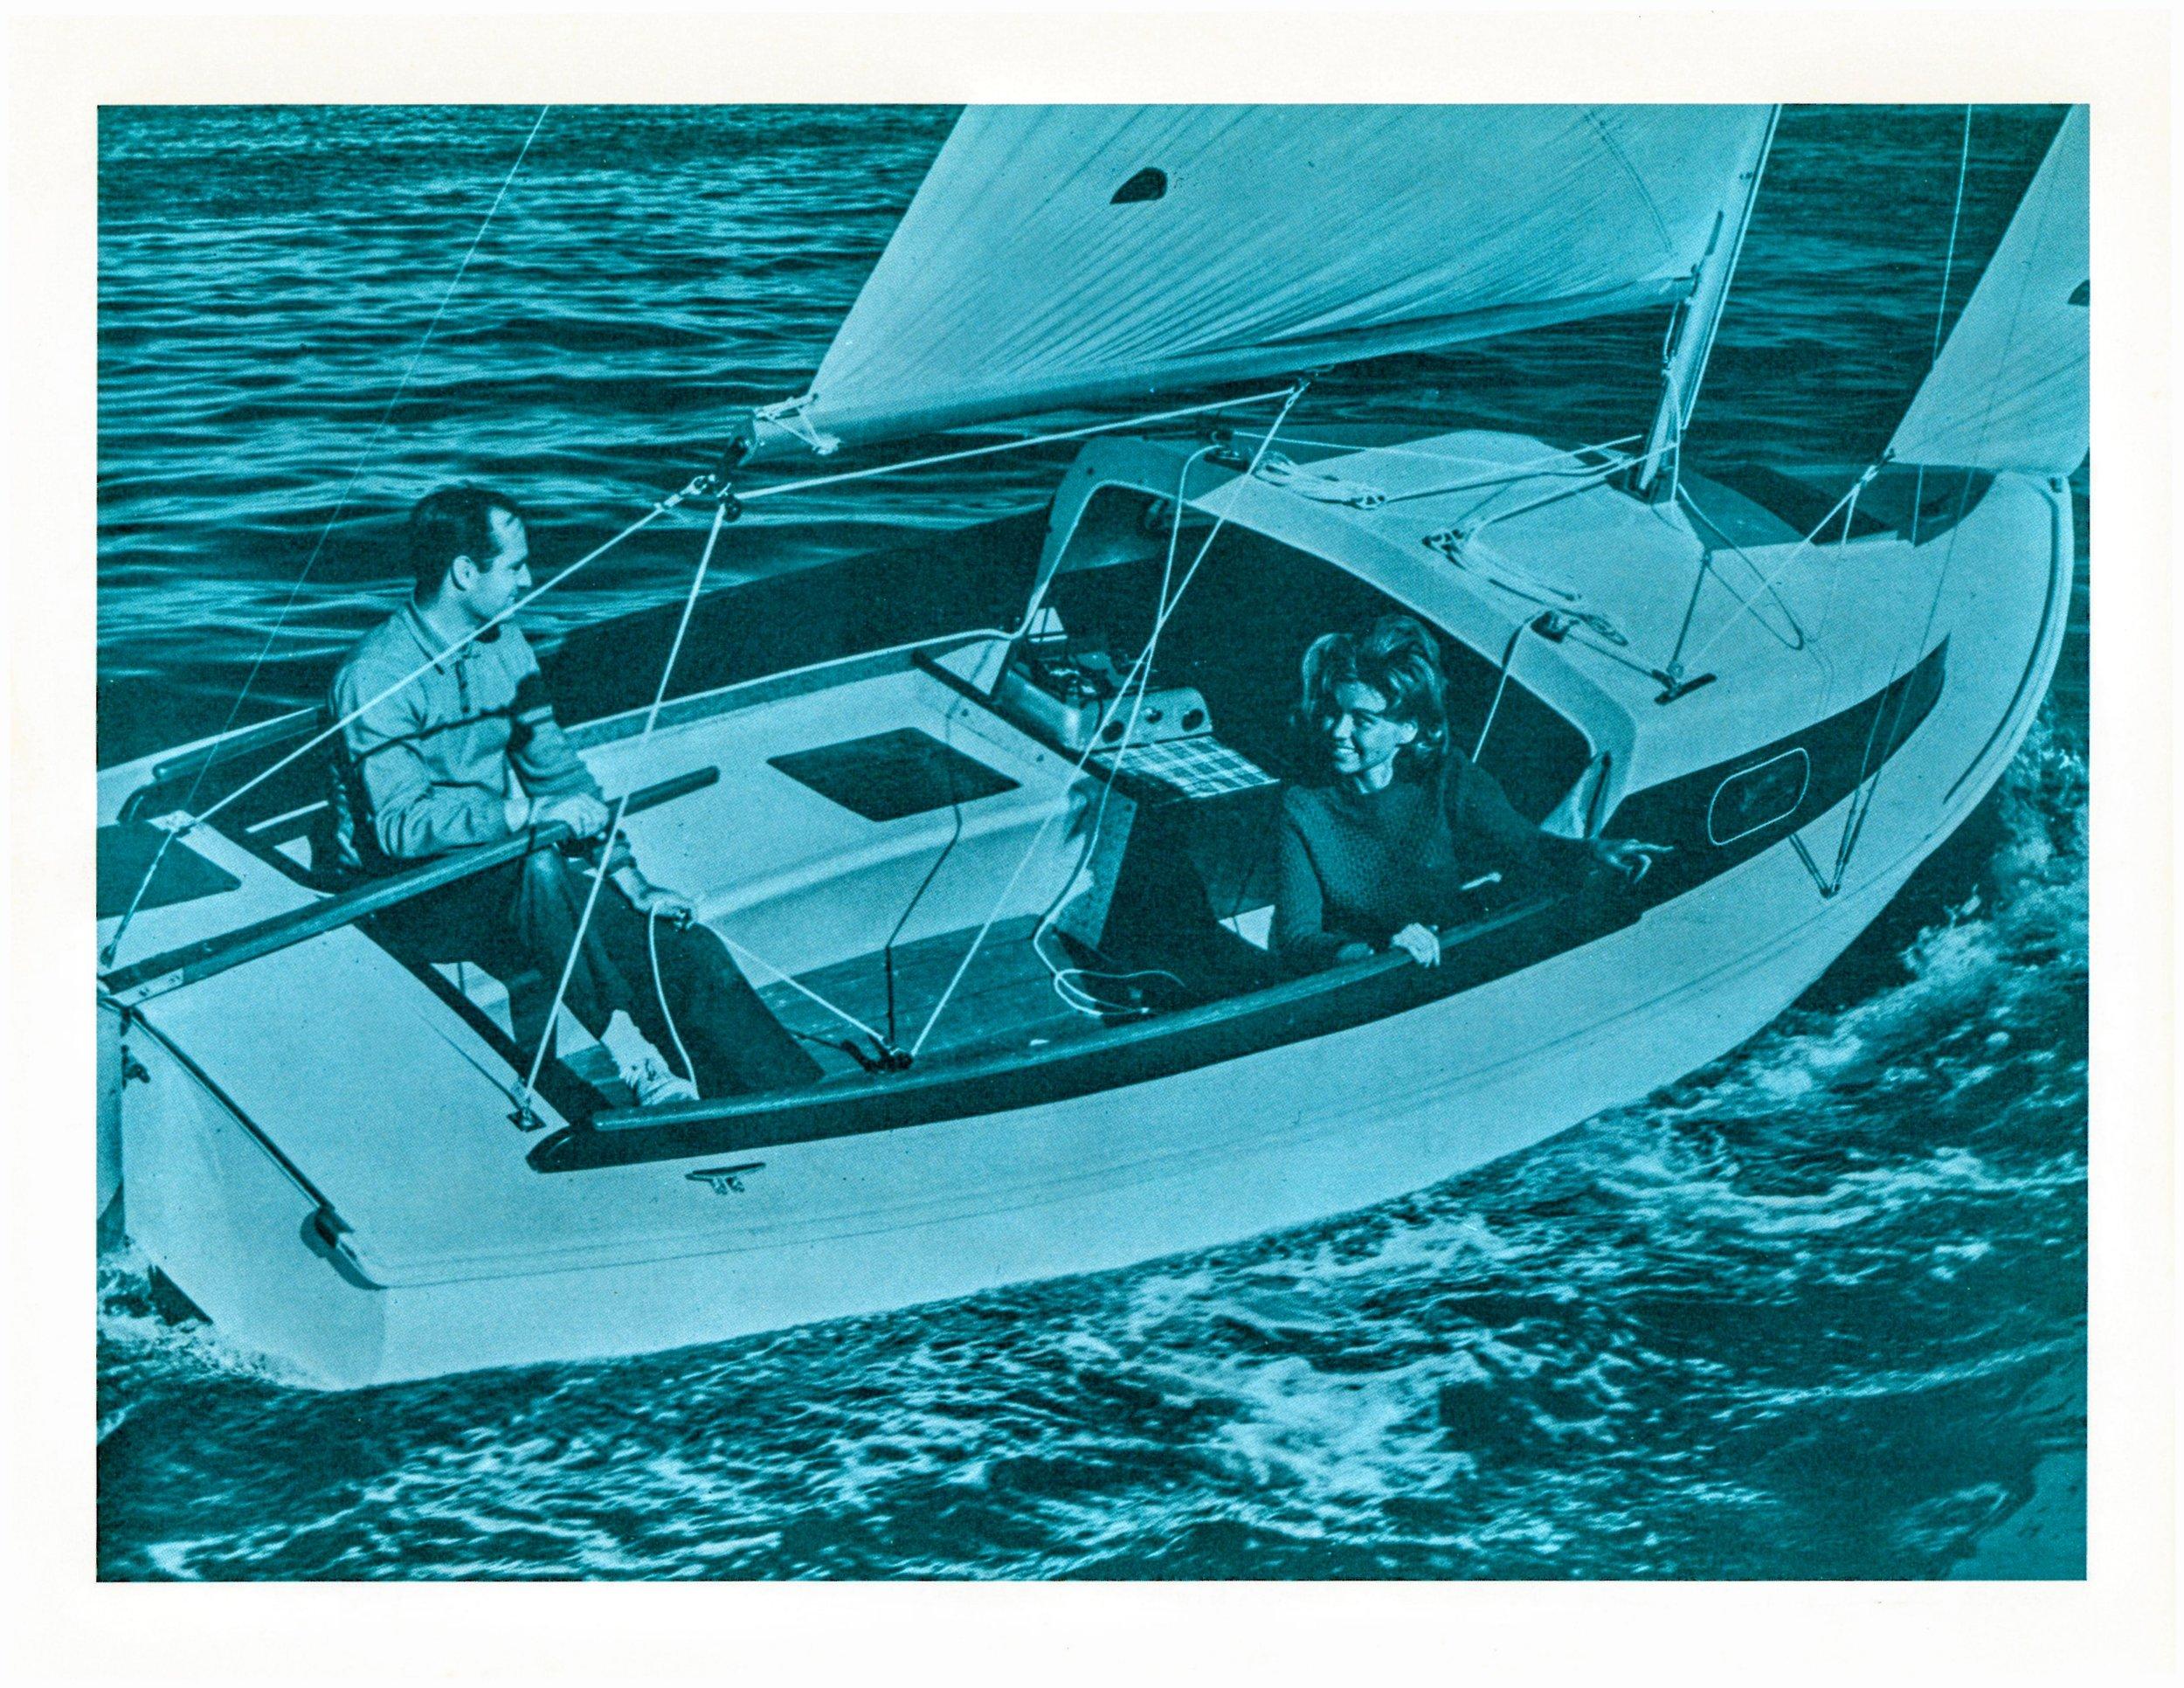 1966 O'Day Sailboats Brochure — O'Day Mariner #1922